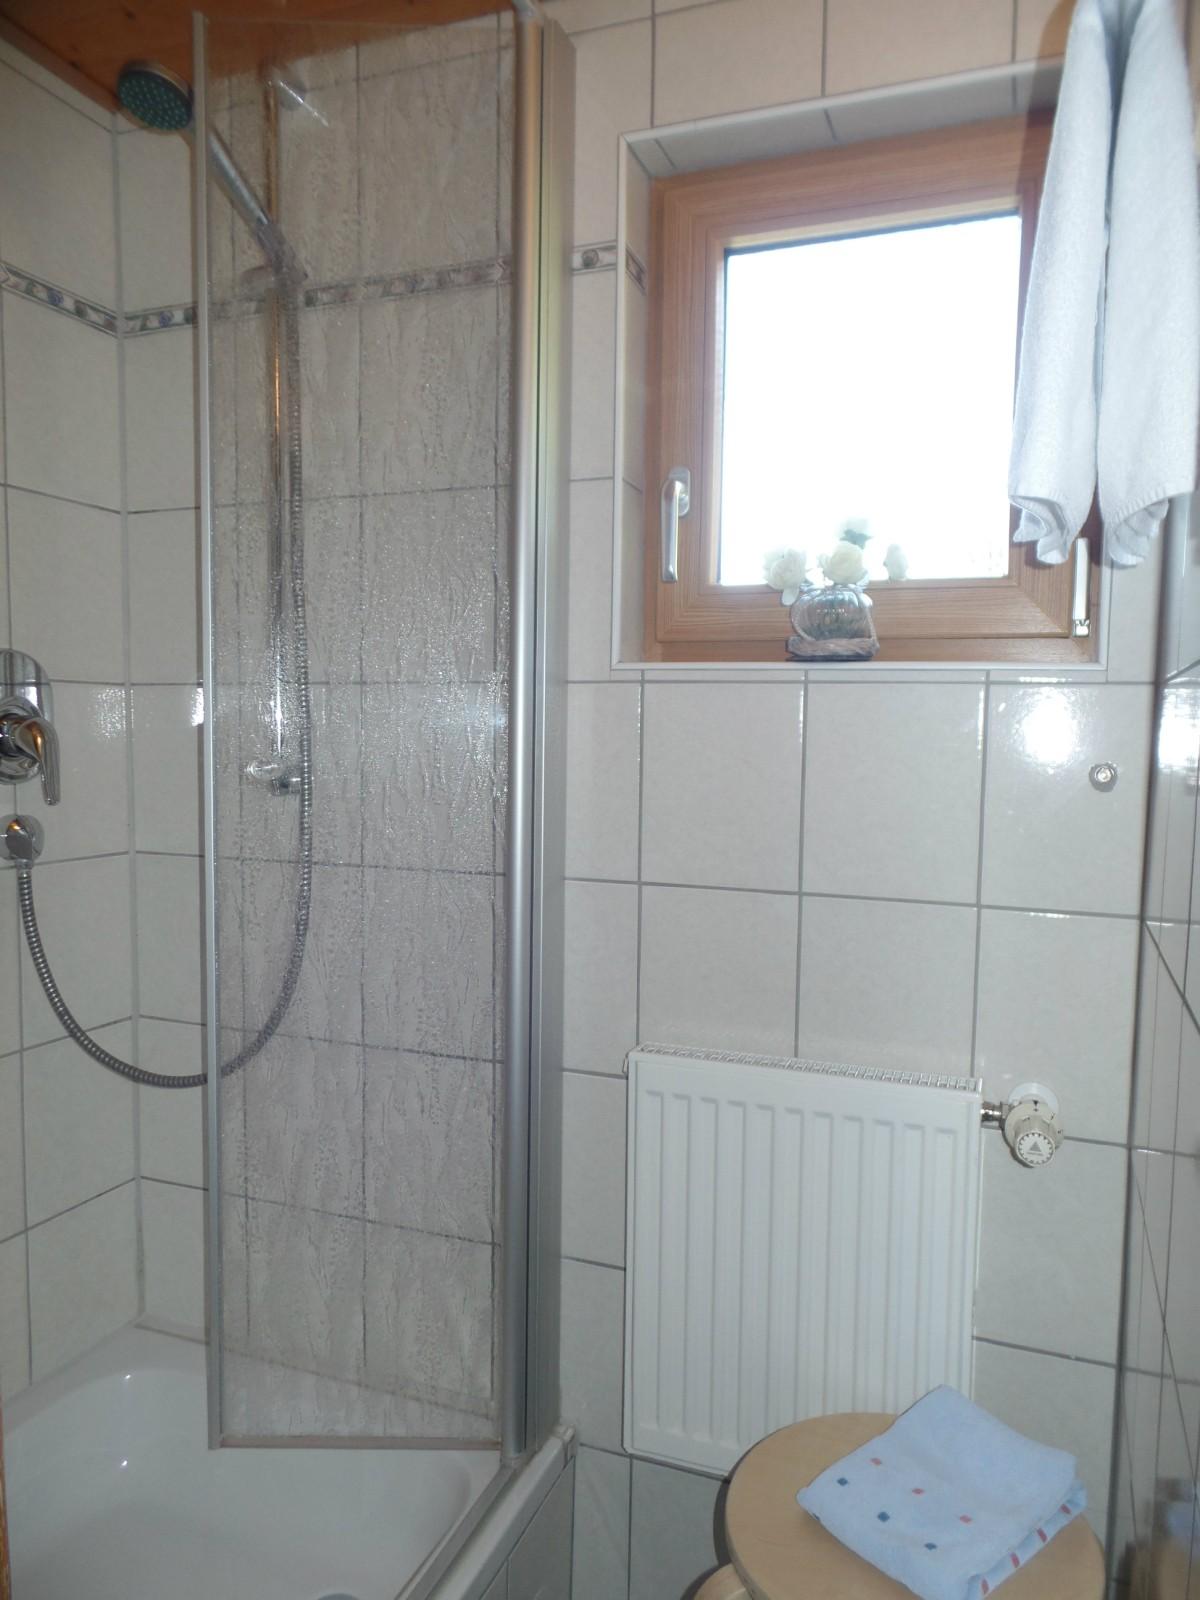 Ferienwohnung Ifenblick F✷✷✷ Dusche